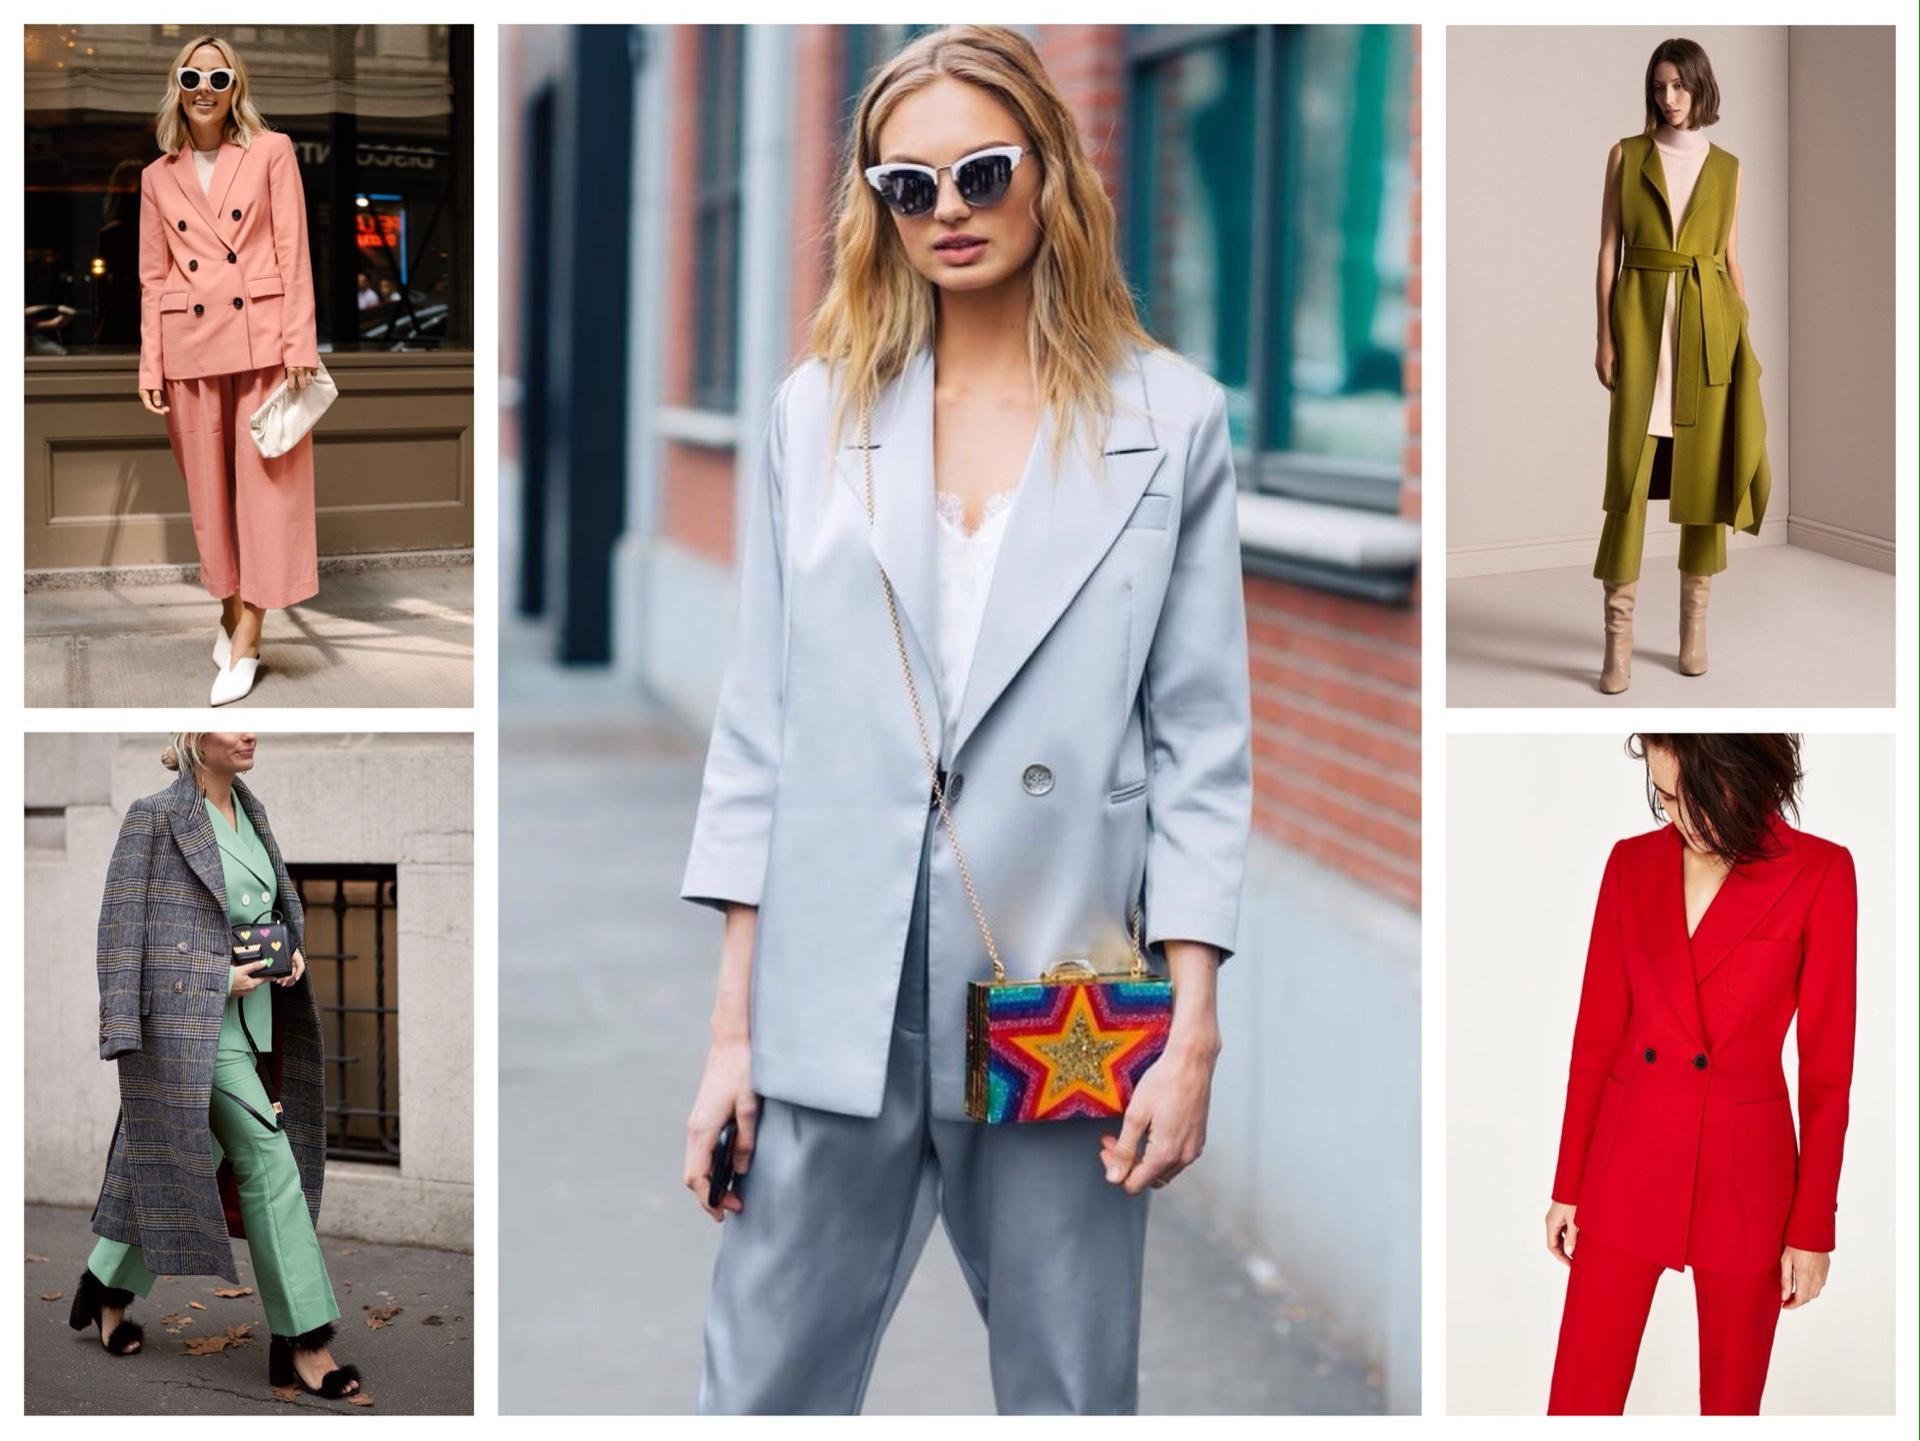 b4ddad746a98 Брючный костюм в женском гардеробе - многообразие сочетаний